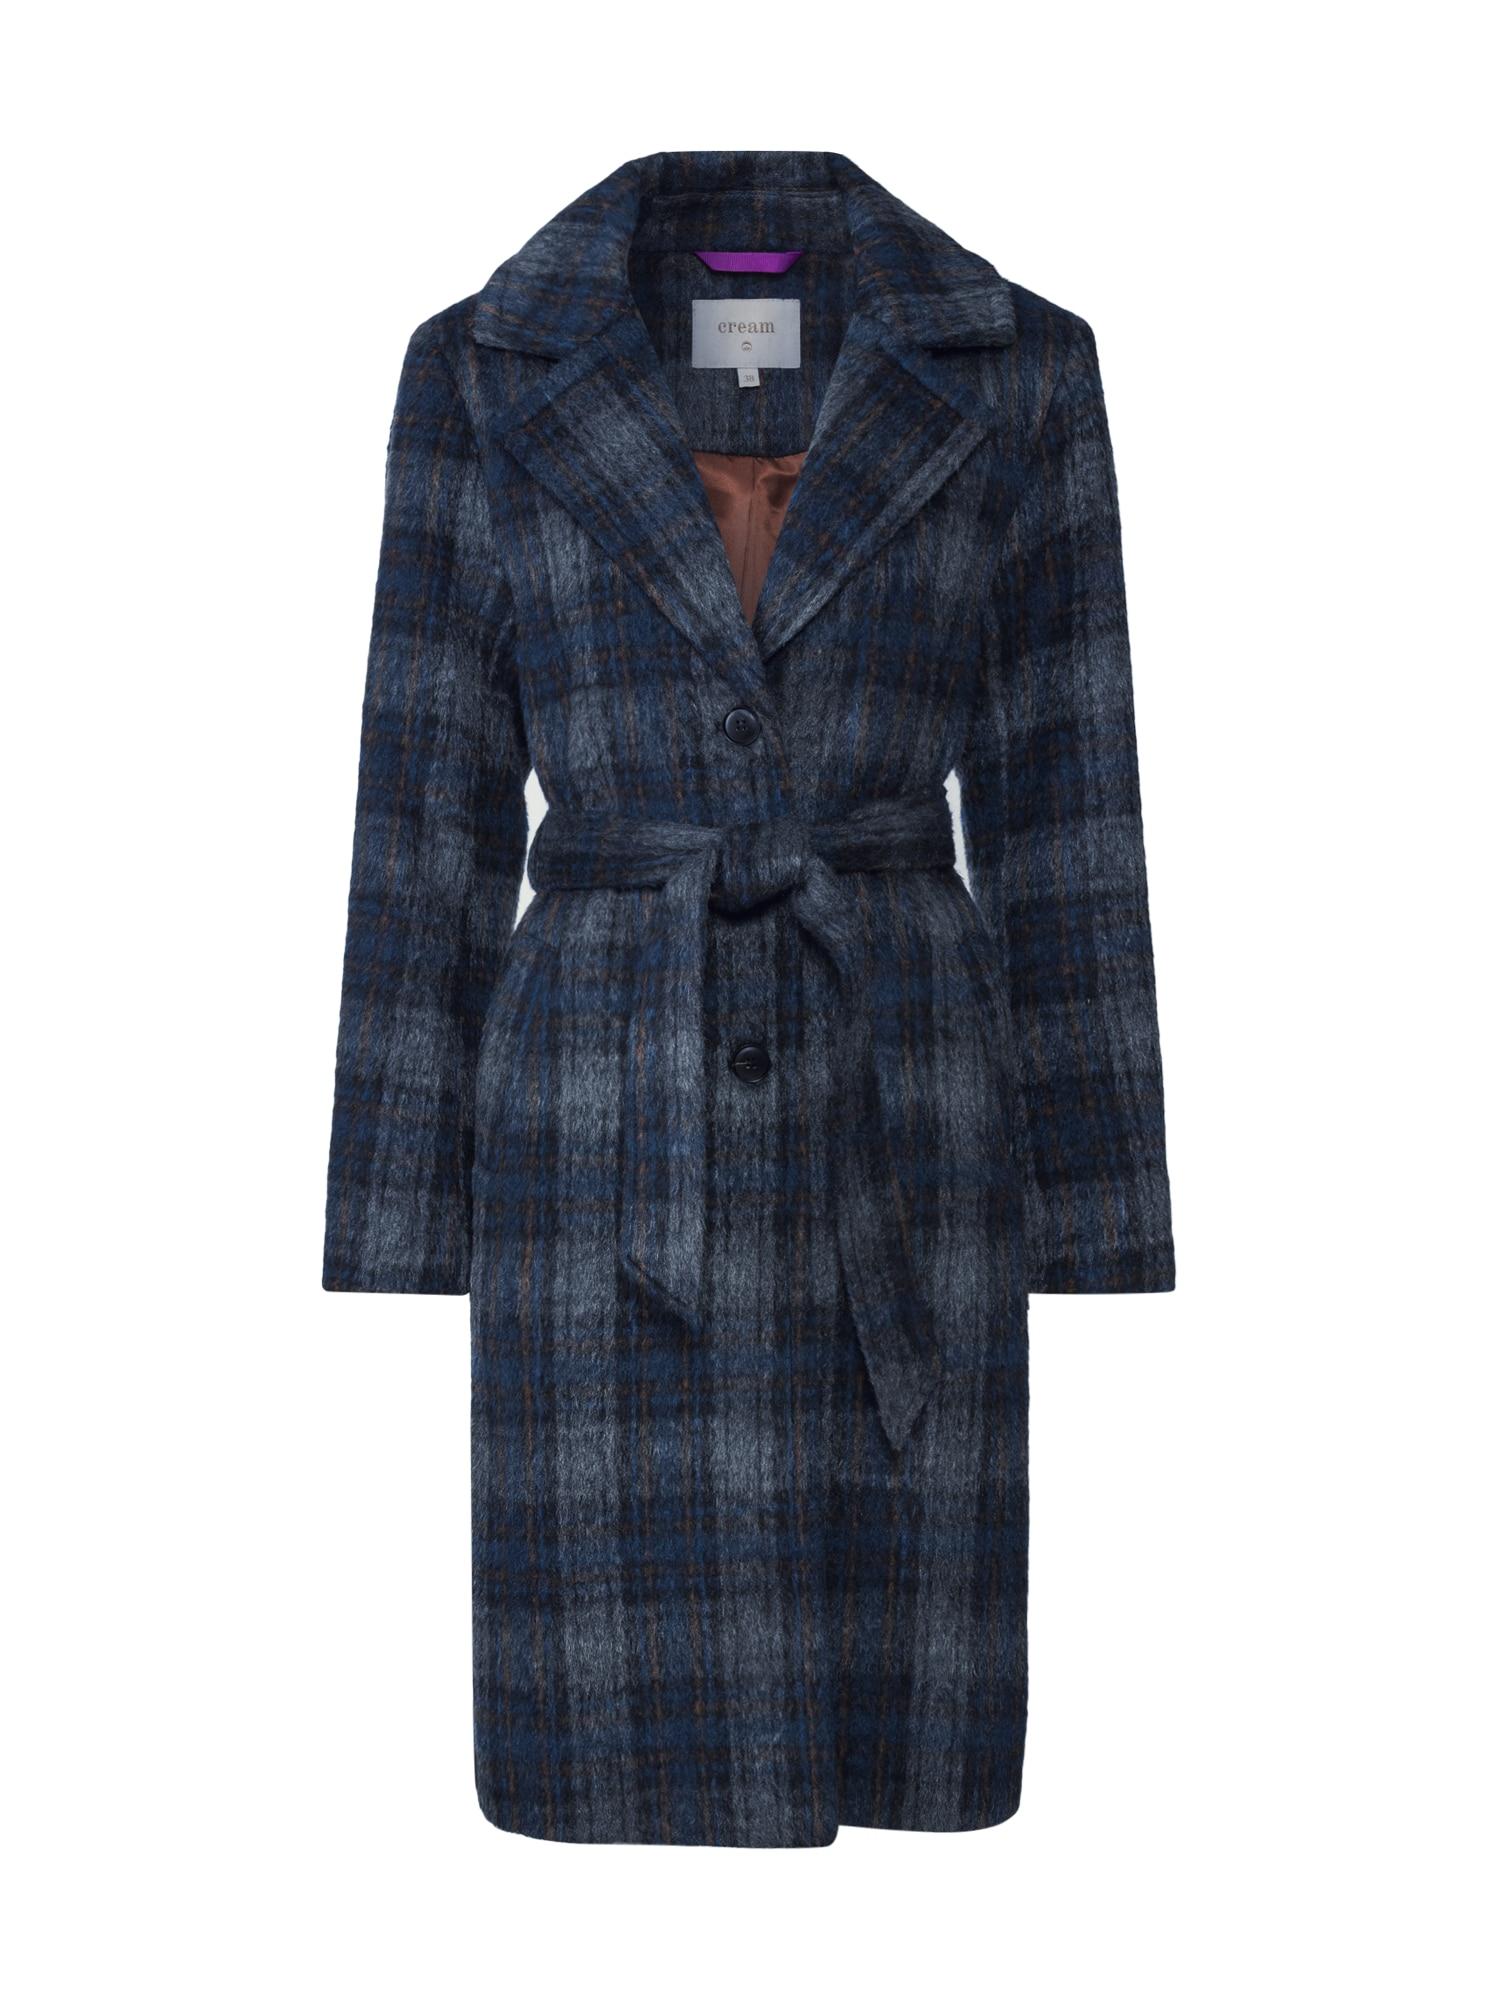 Cream Rudeninis-žieminis paltas 'Chekia' mėlyna / juoda